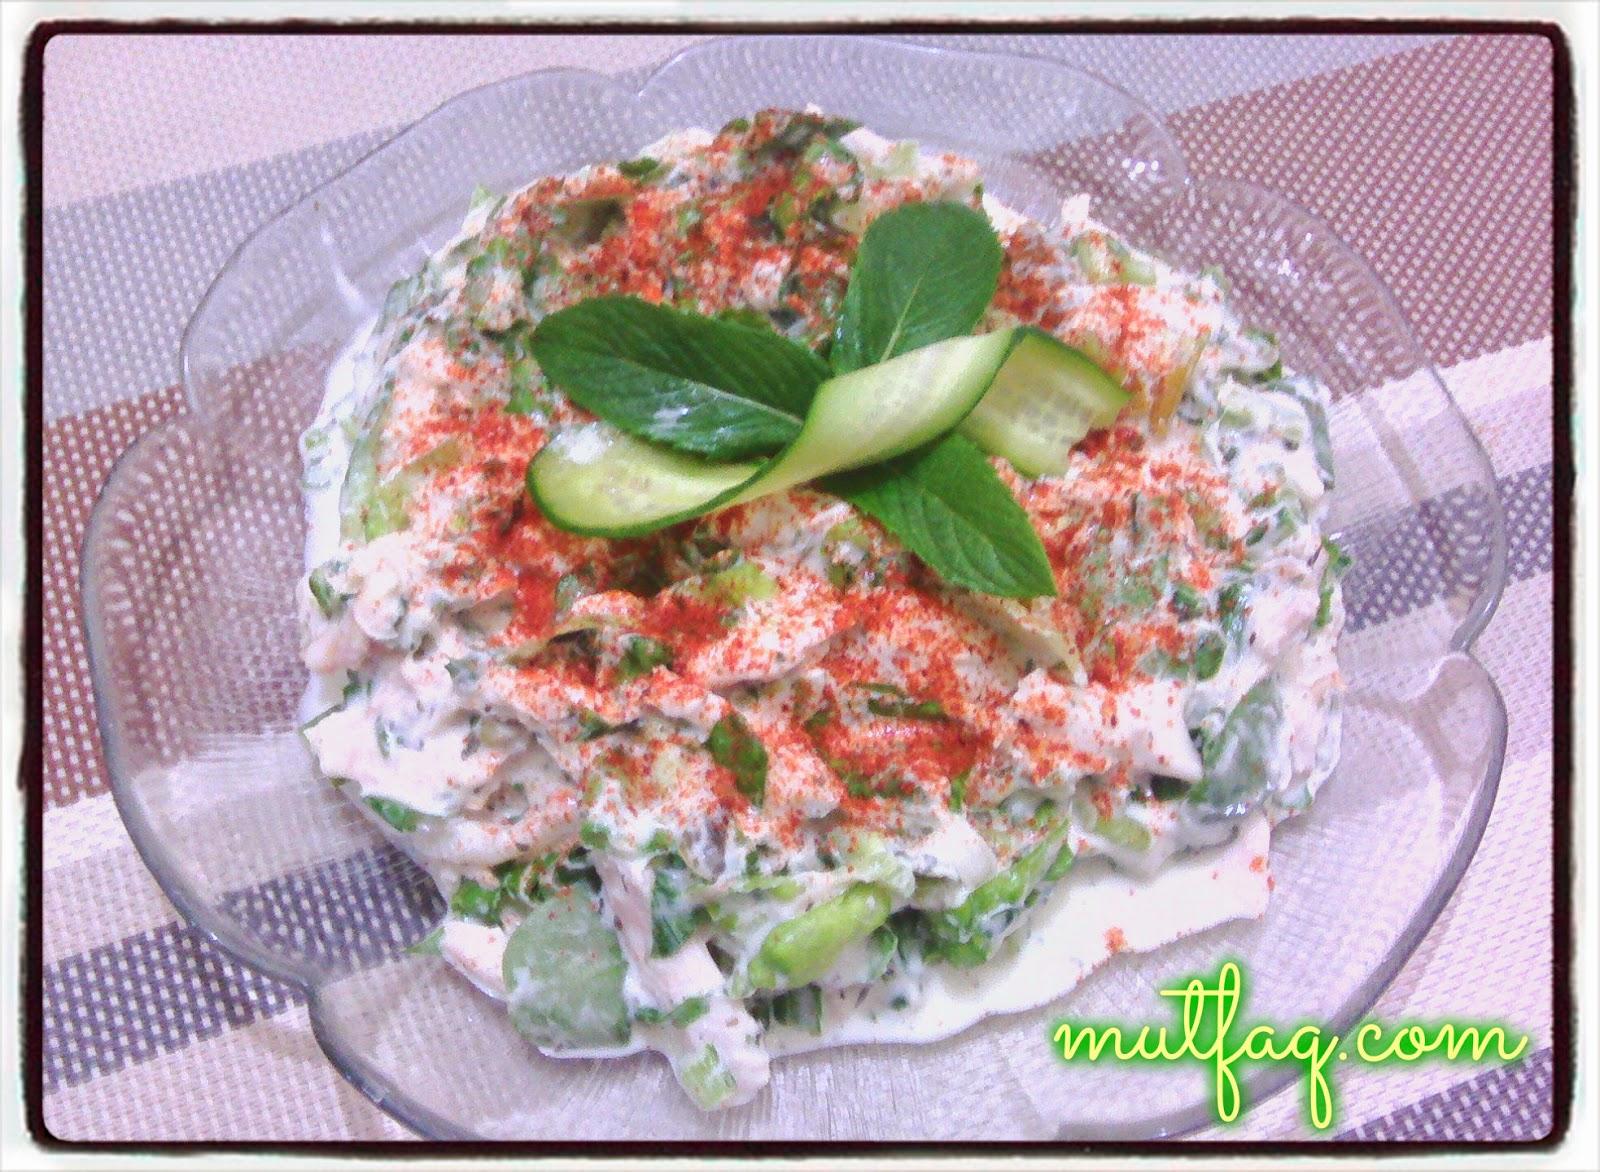 Füme tavuk göğsünden salata hazırlamak nasıl